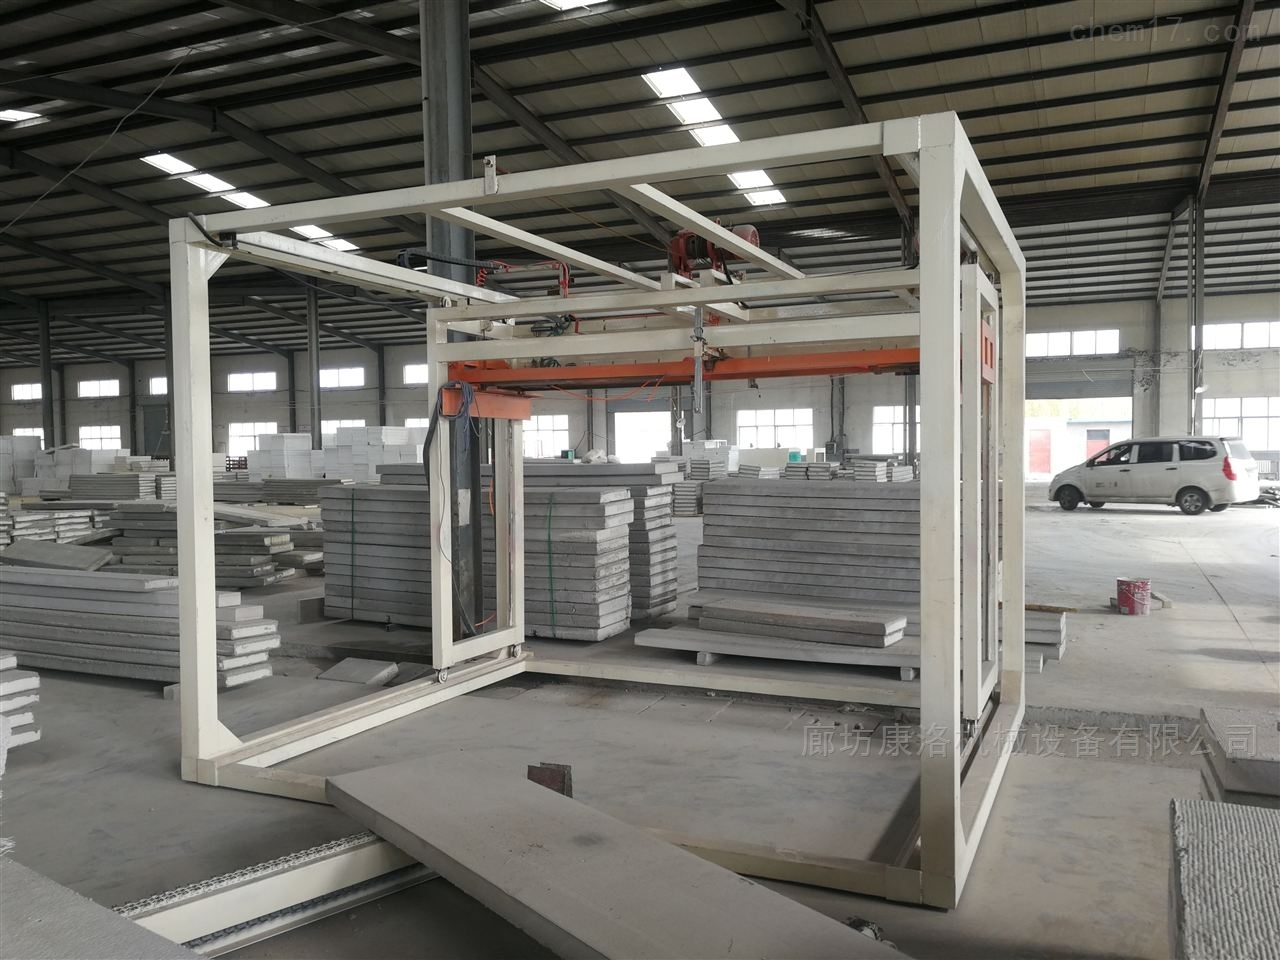 FS新型混凝土免拆模板设备技术及报价清单